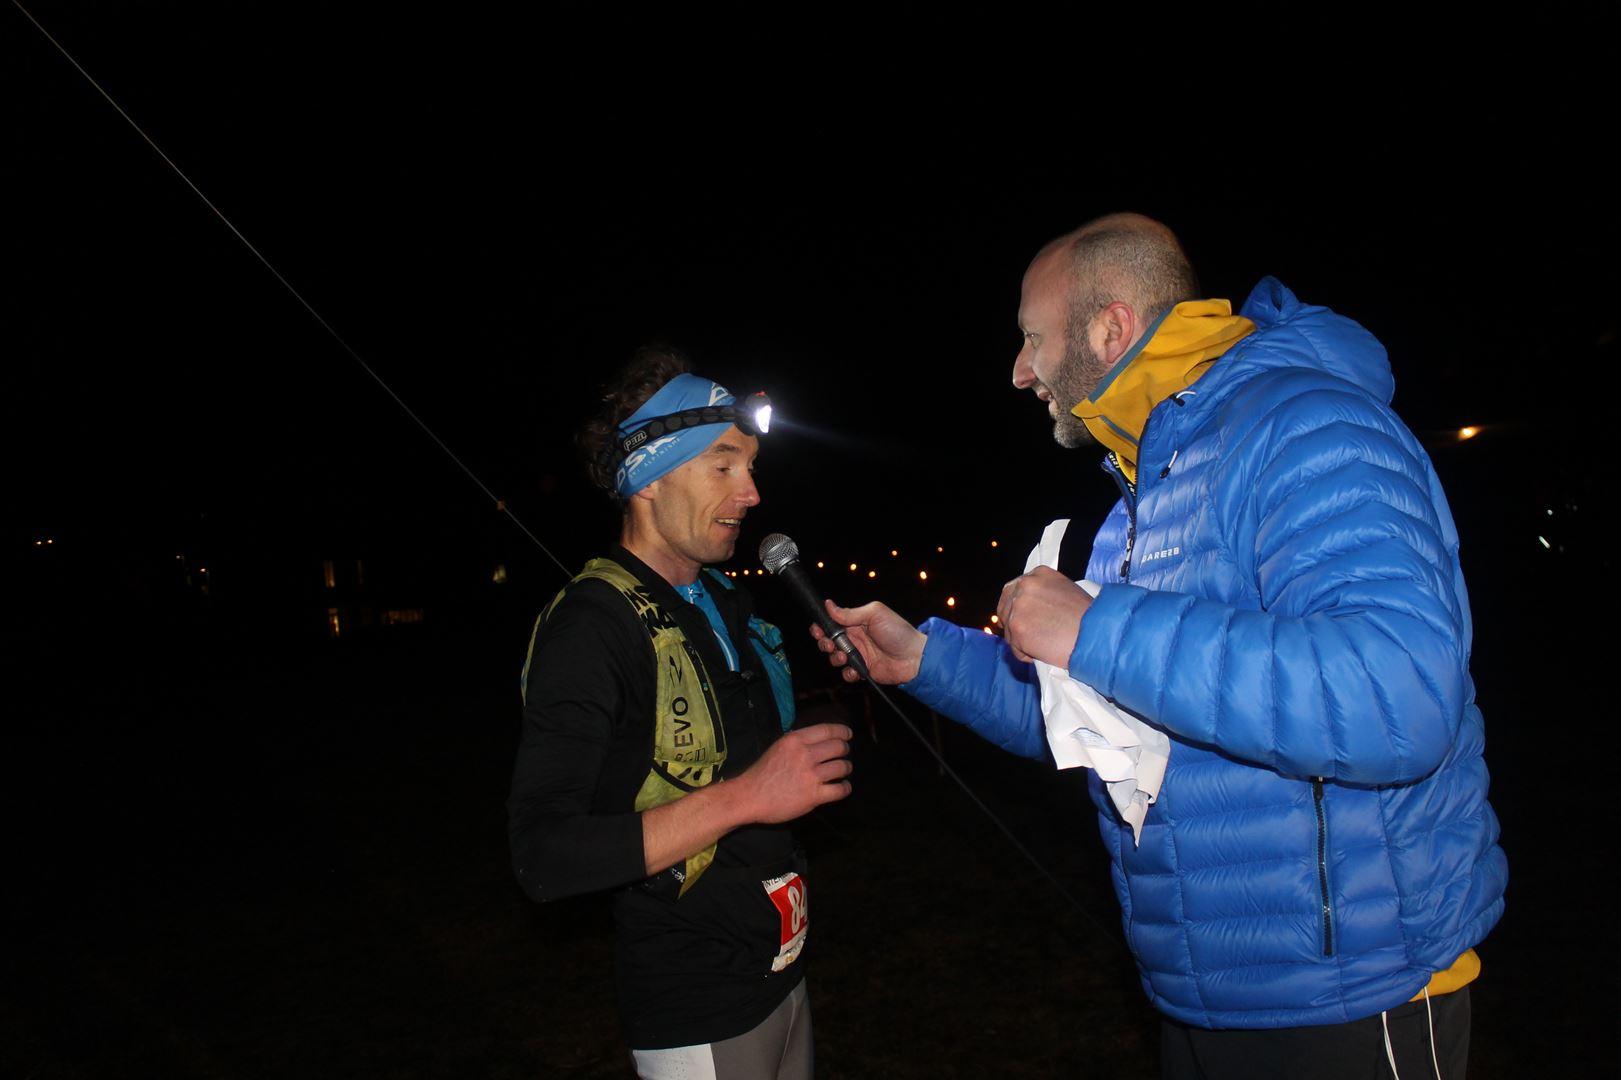 ITW de Nicolas Hairon 1er du 106km - RESULTATS ET COMMENTAIRES DU TRAIL DU SAPPEY EN CHARTREUSE (38) -18-02-2017